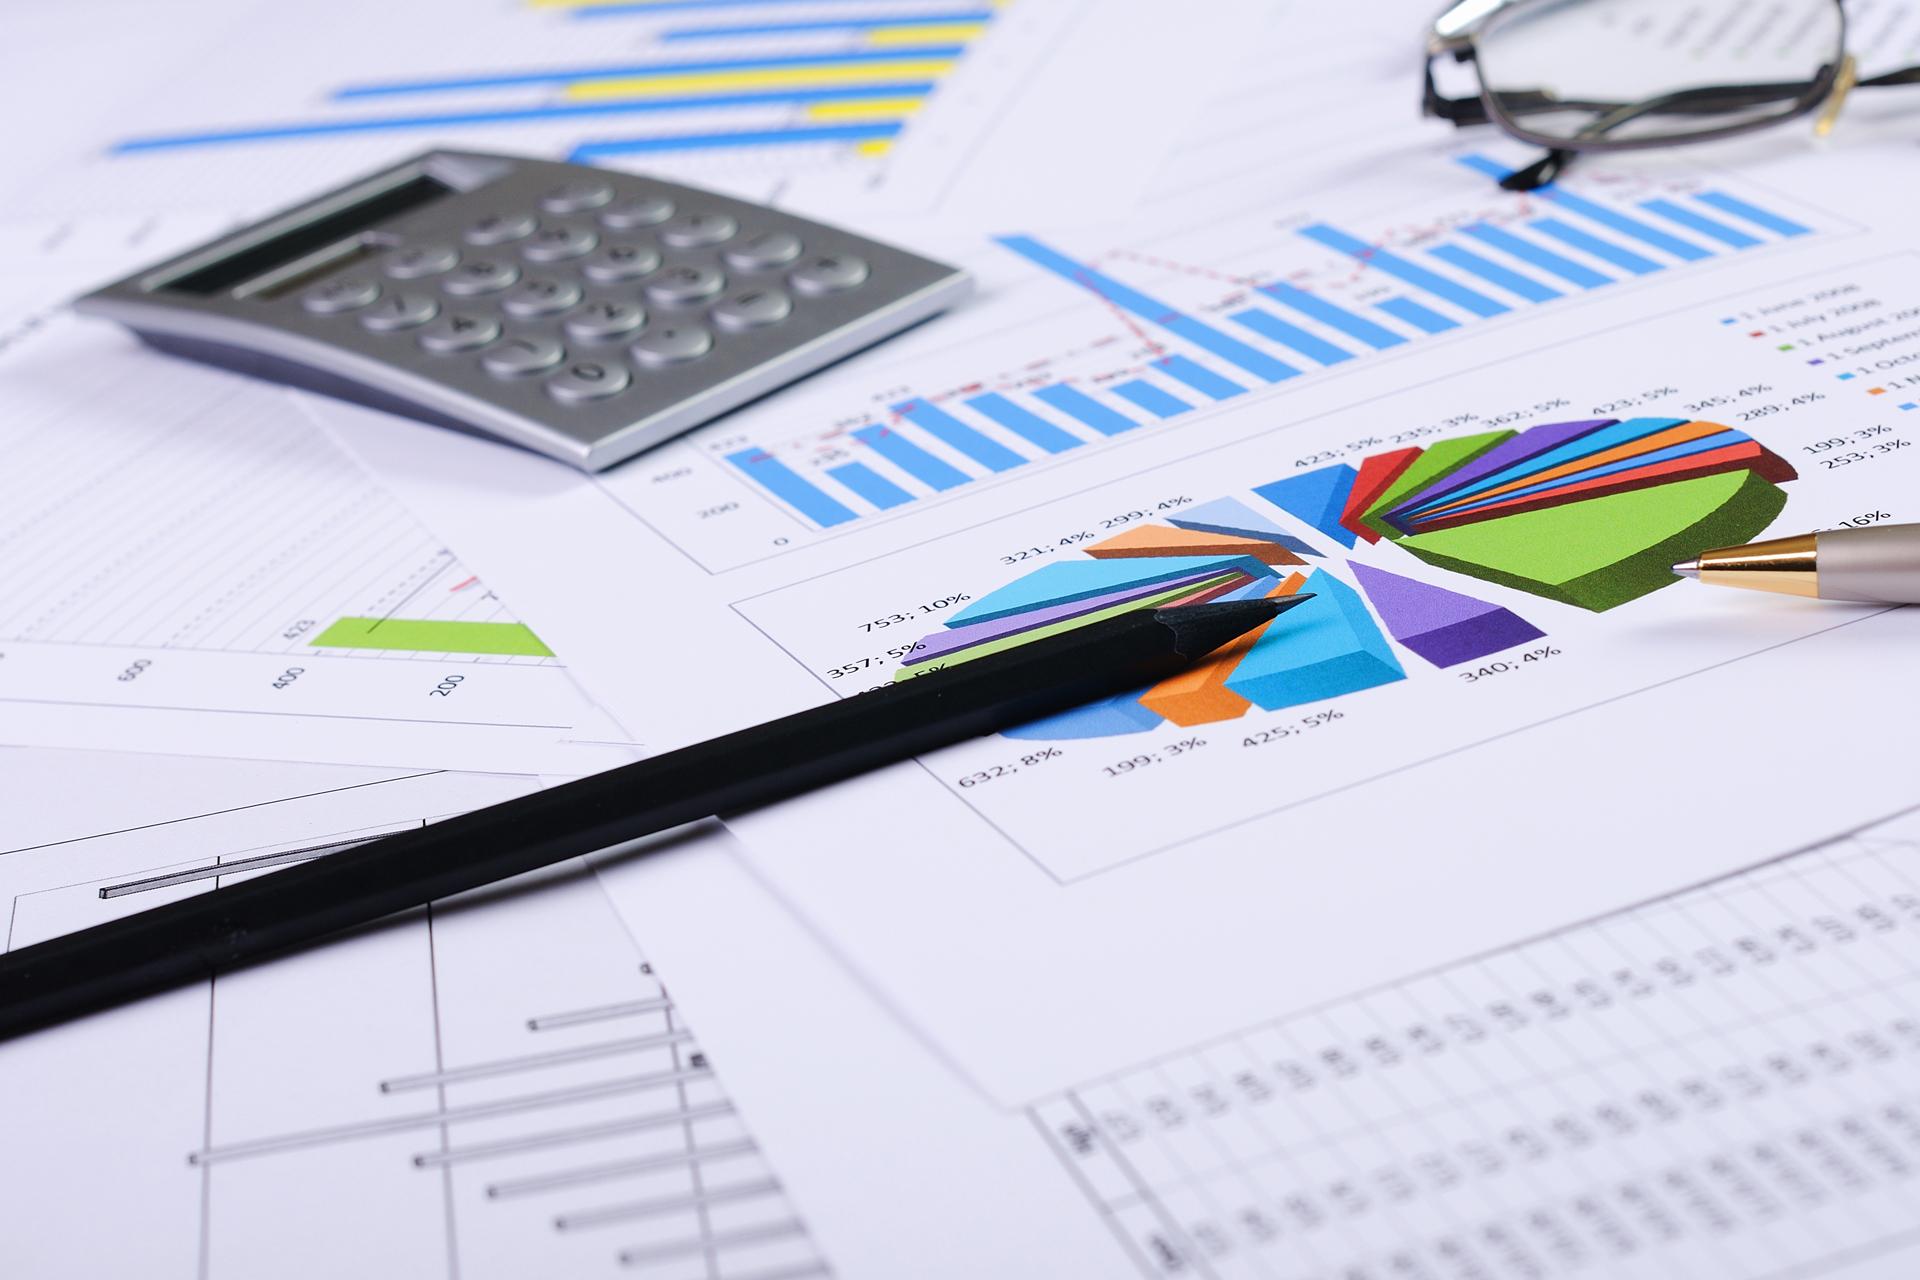 МТС раскрыла финансовые результаты за IV квартал и за весь 2016 год